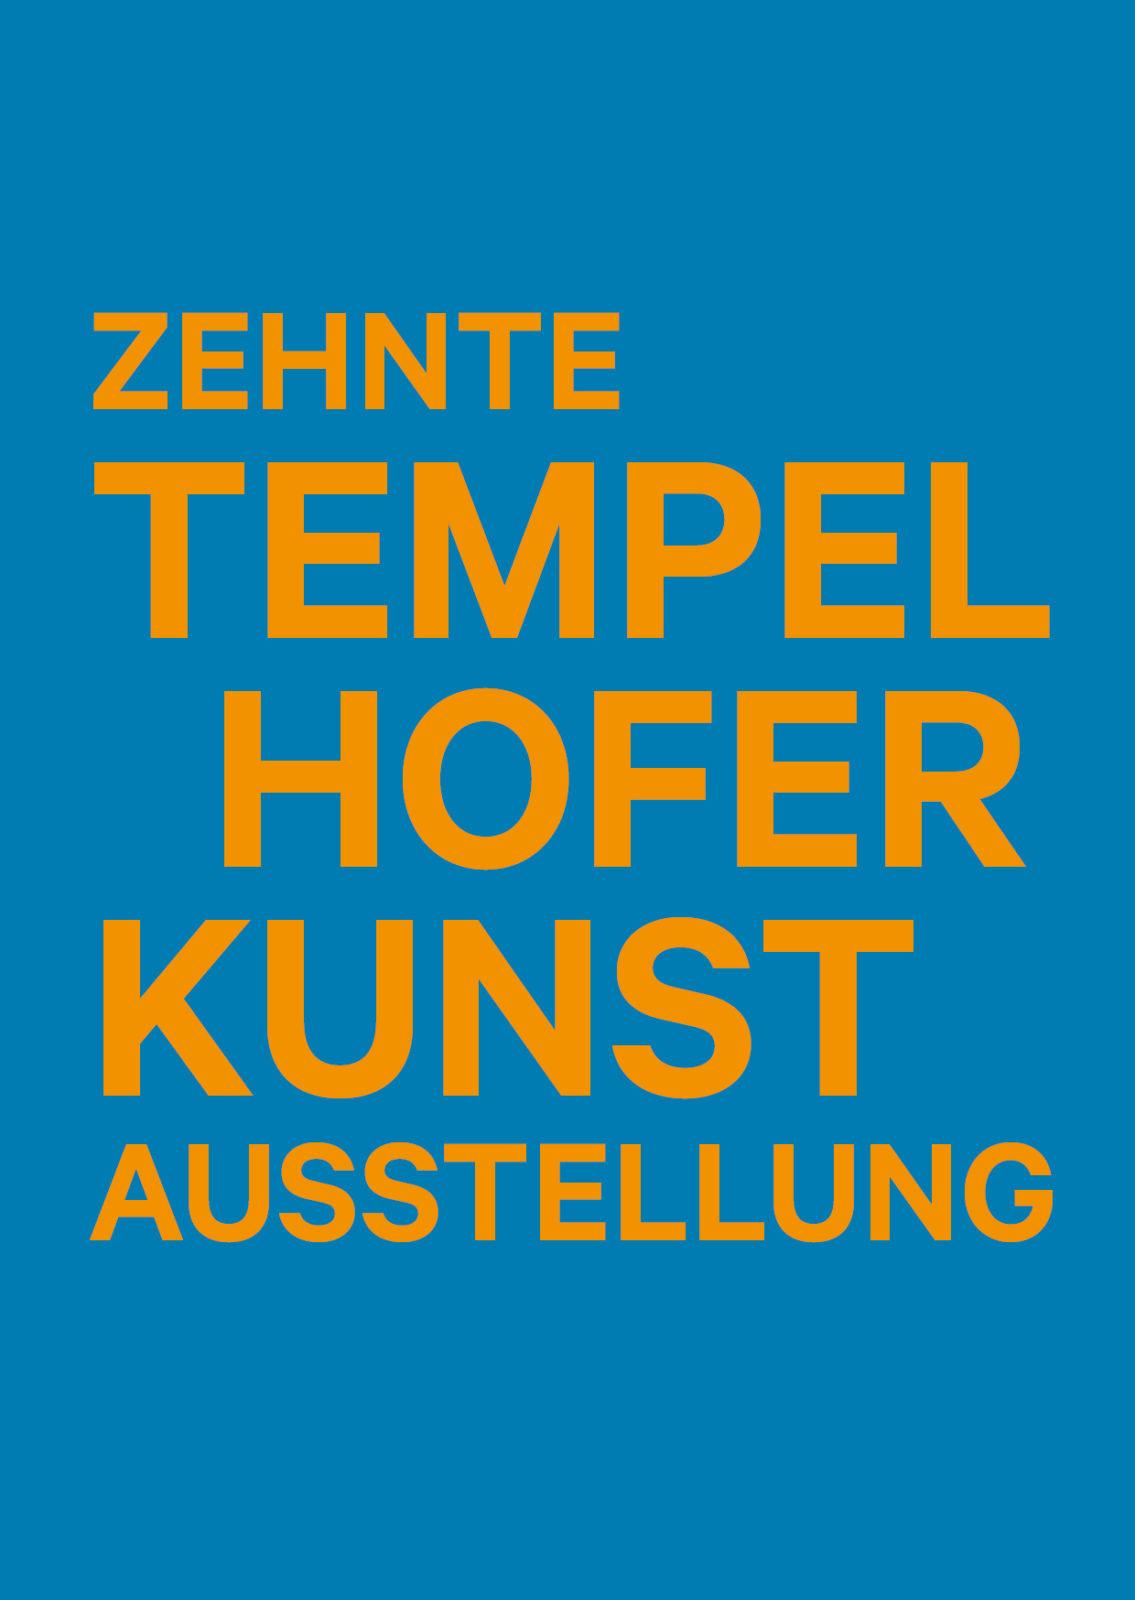 Zehnte Tempelhofer Kunstausstellung